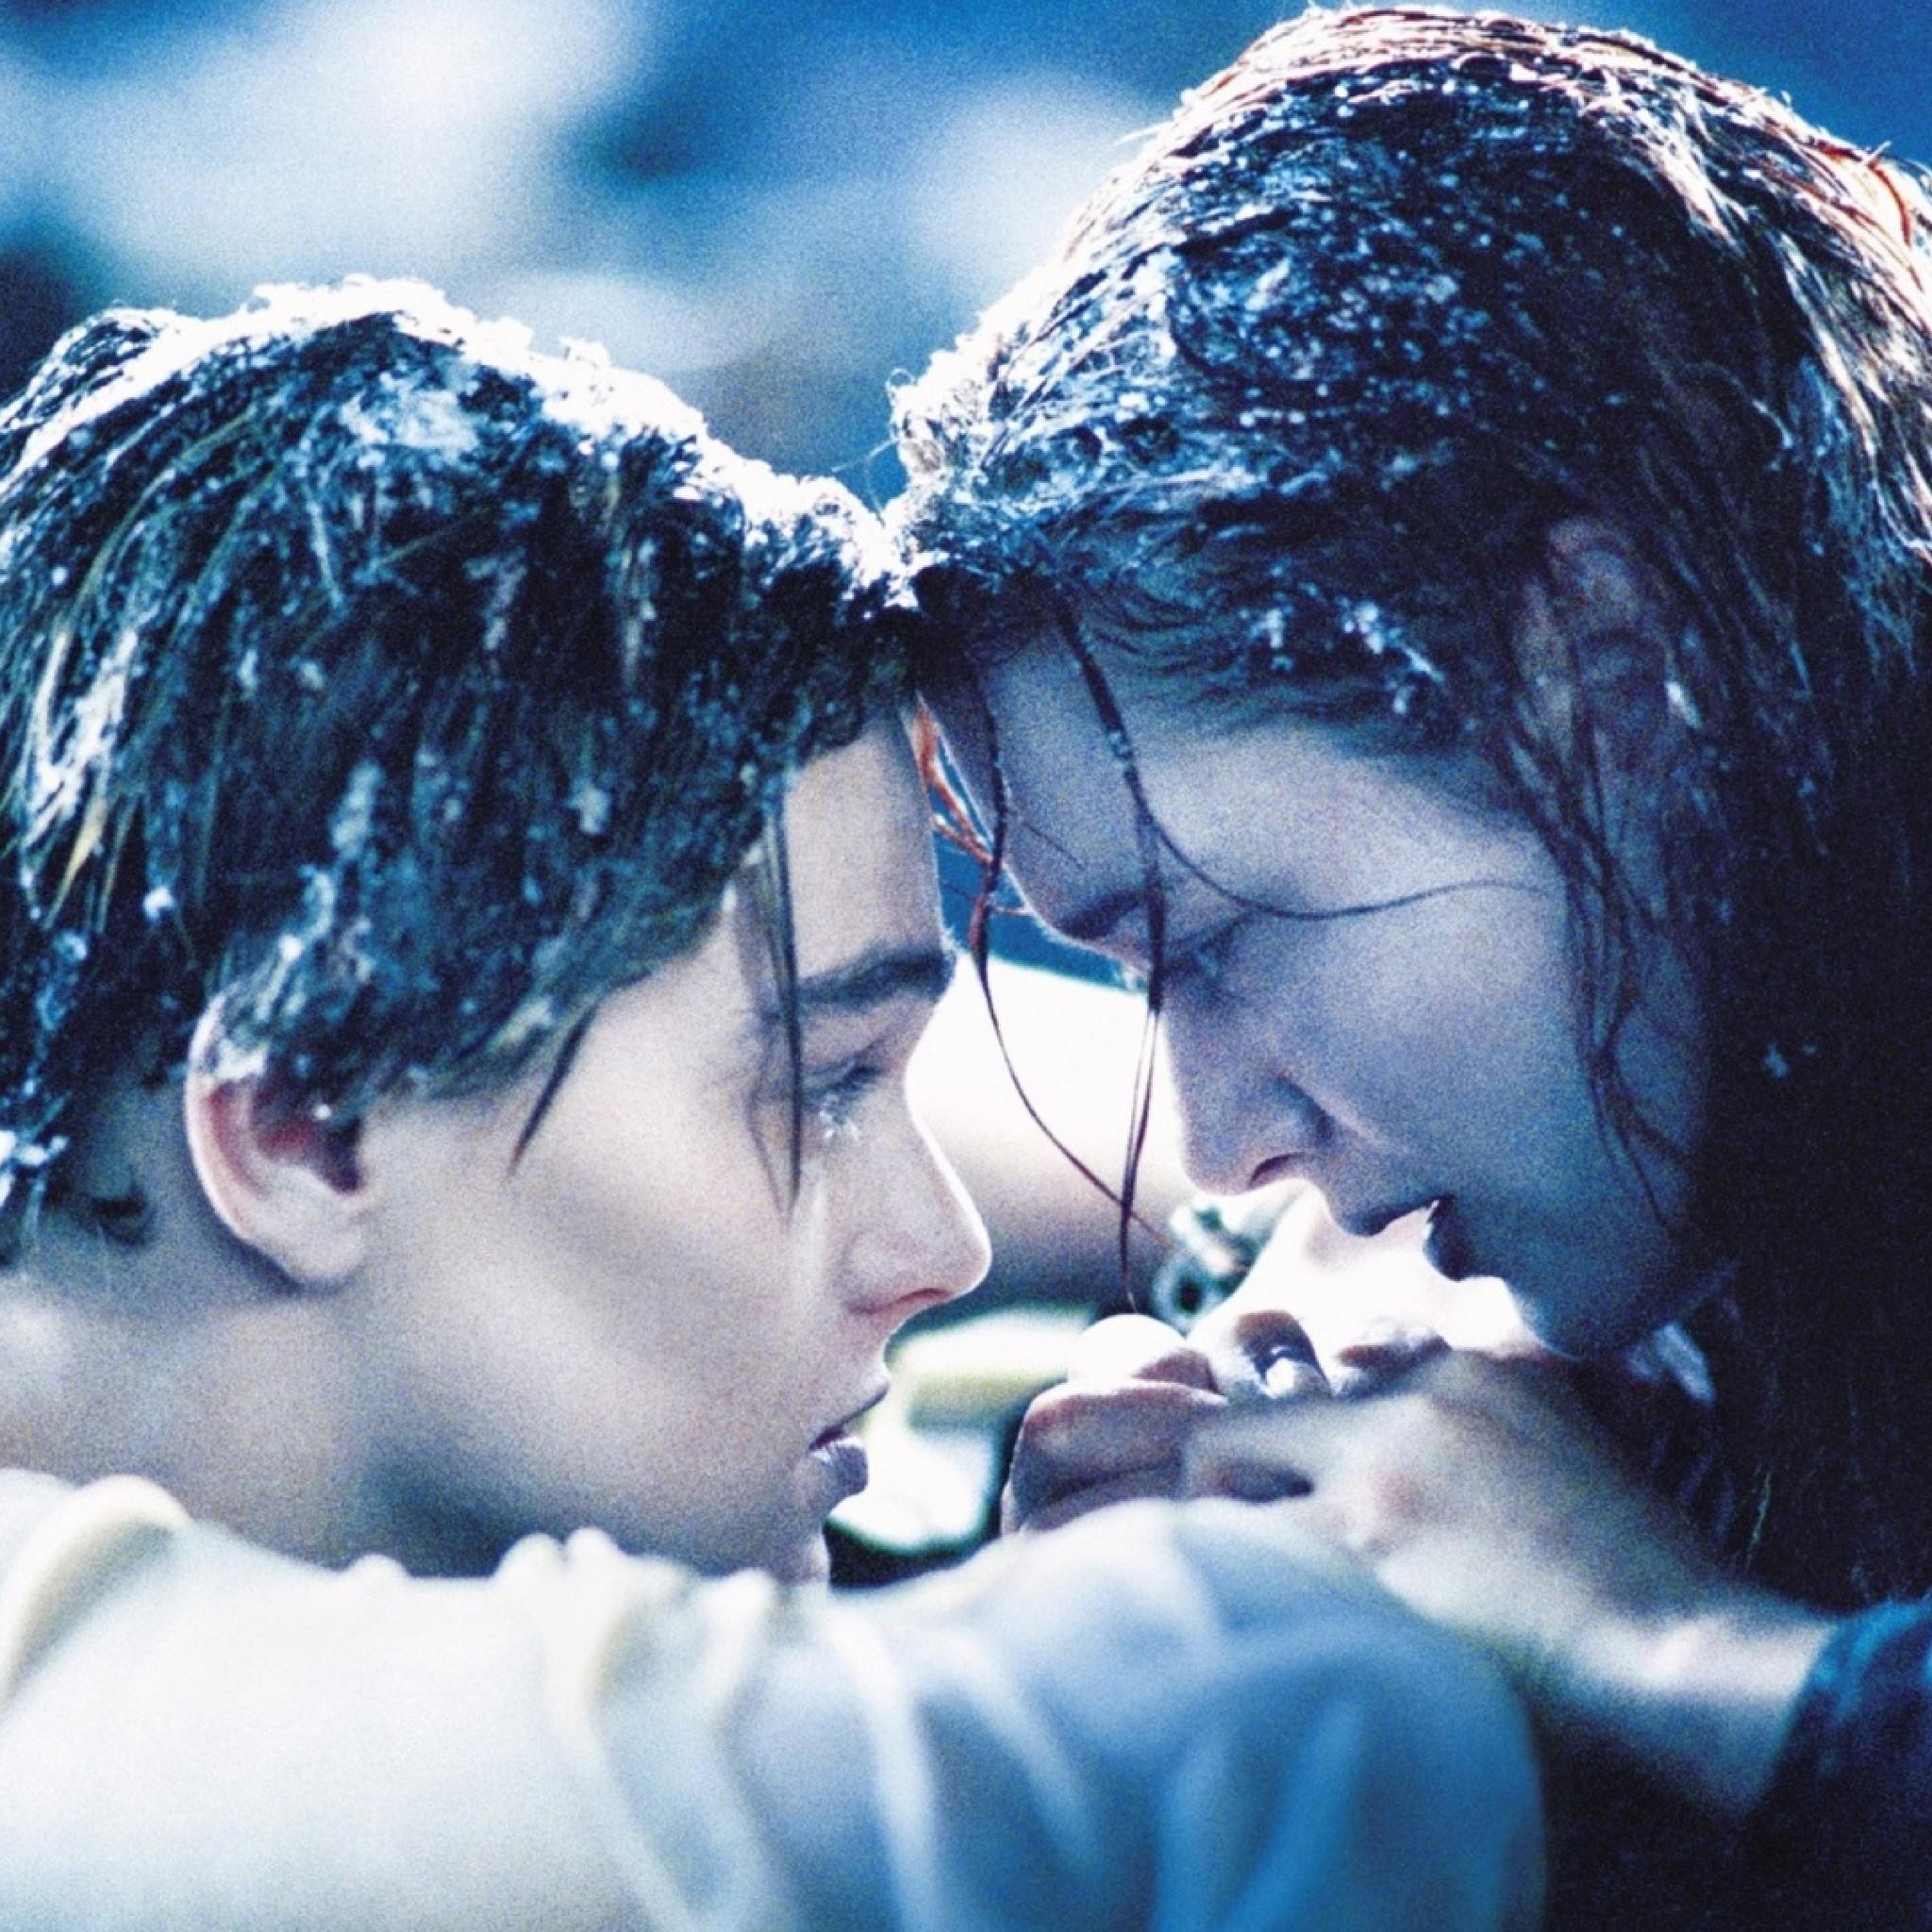 kate-winslet-in-titanic-movie-pic.jpg